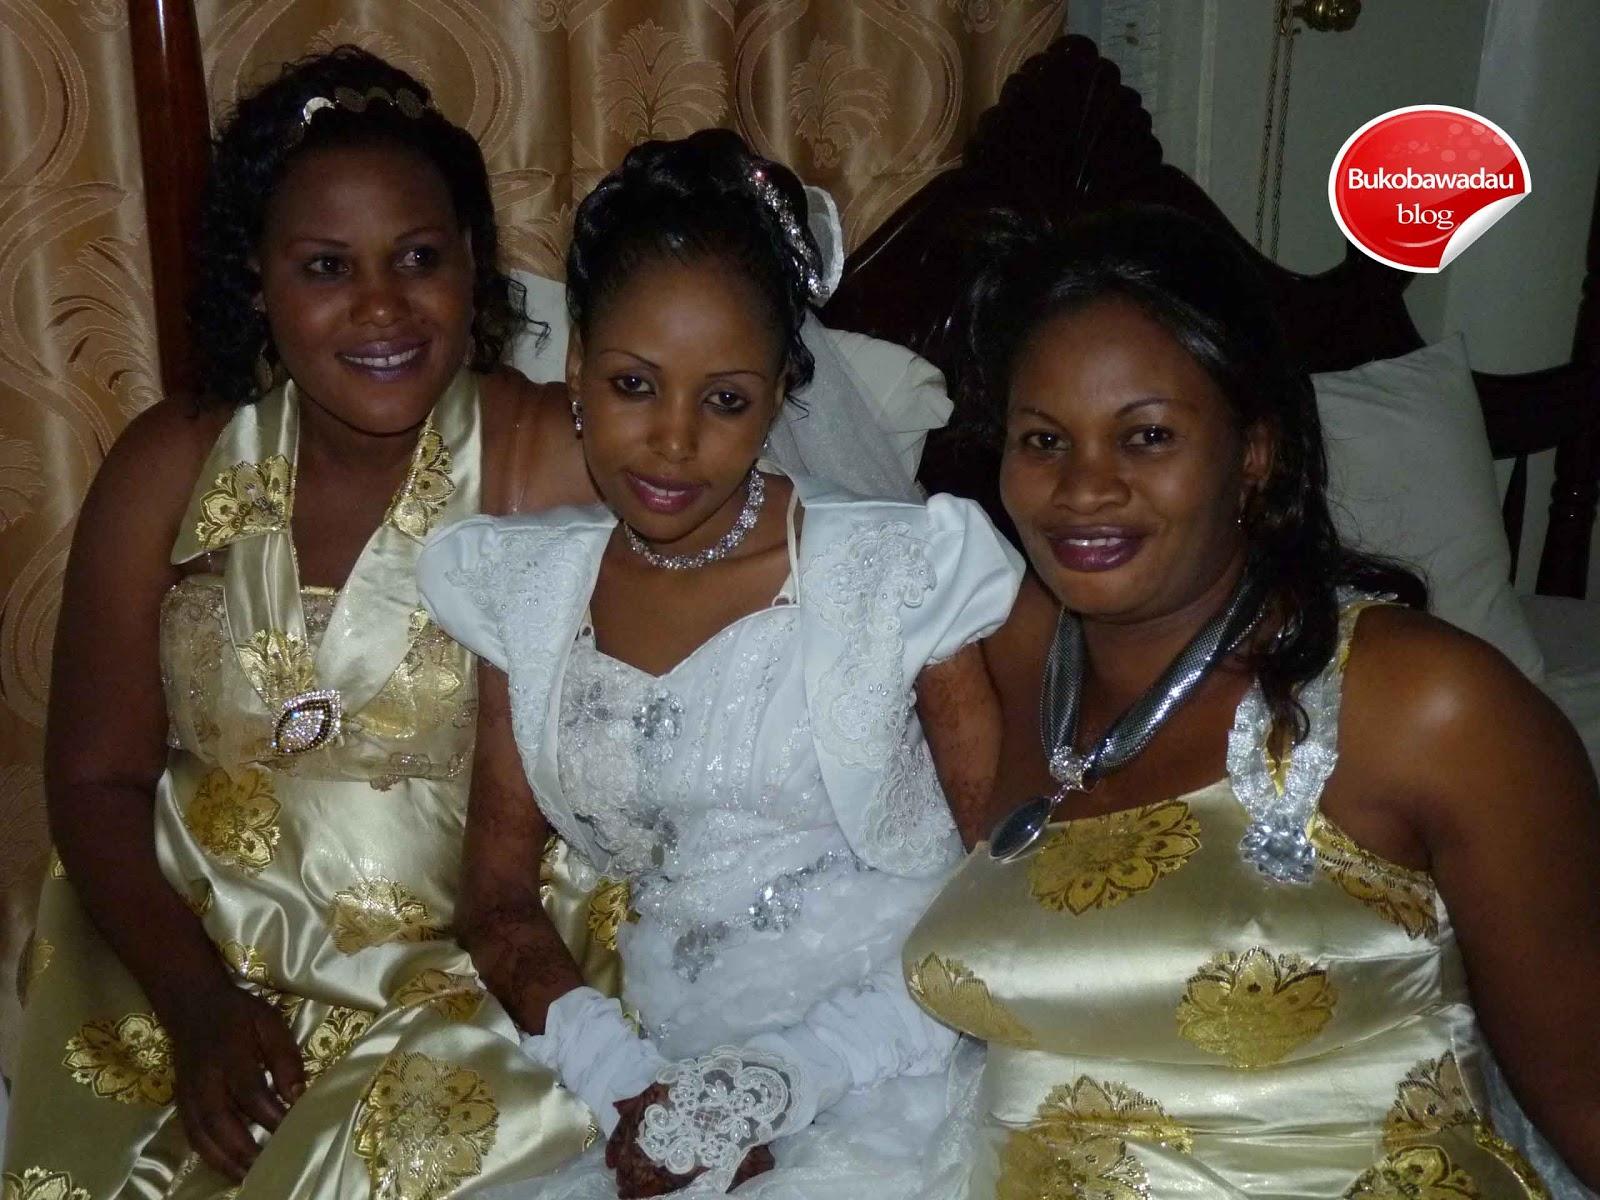 Kwa tabasamu mawifi wa Bi Harusi katika picha ya pamoja.